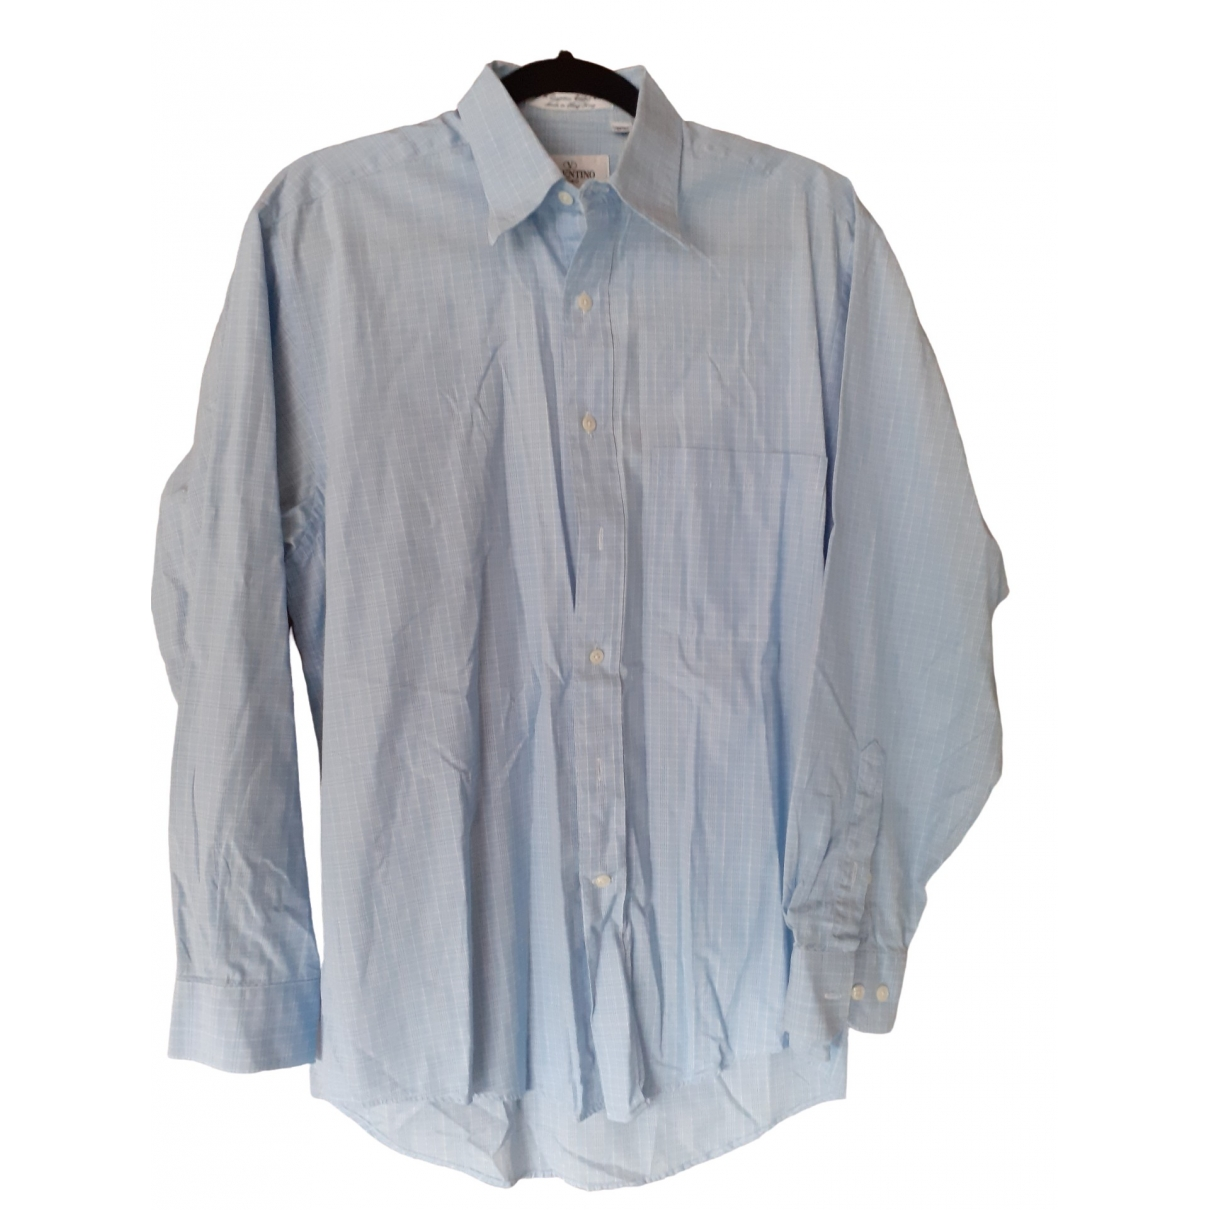 Valentino Garavani \N Blue Cotton Shirts for Men 15 UK - US (tour de cou / collar)